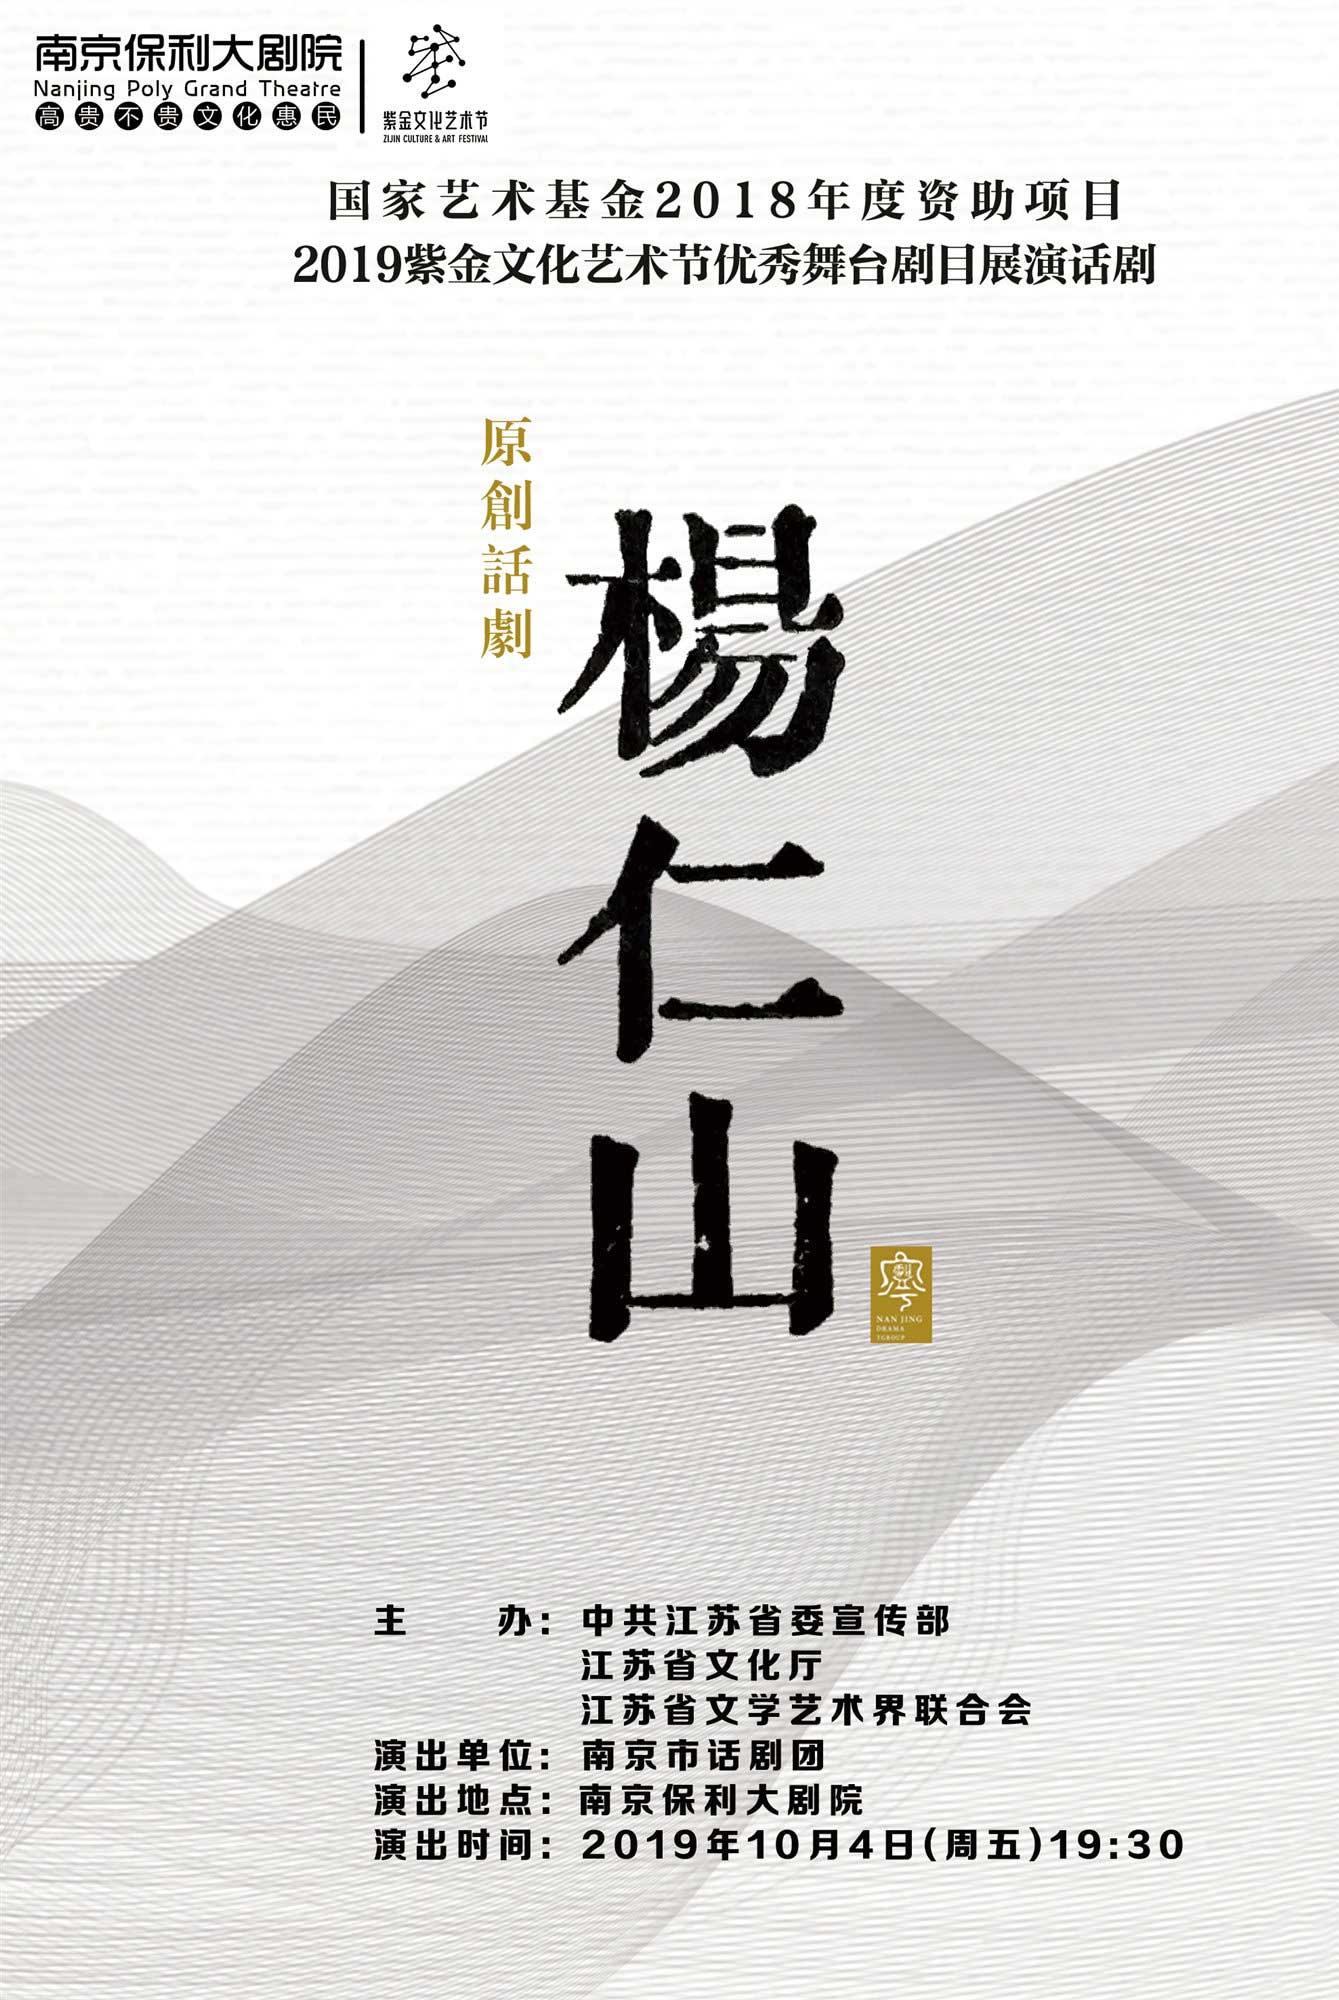 2019紫金文化艺术节优秀舞台剧目展演―话剧《杨仁山》南京站